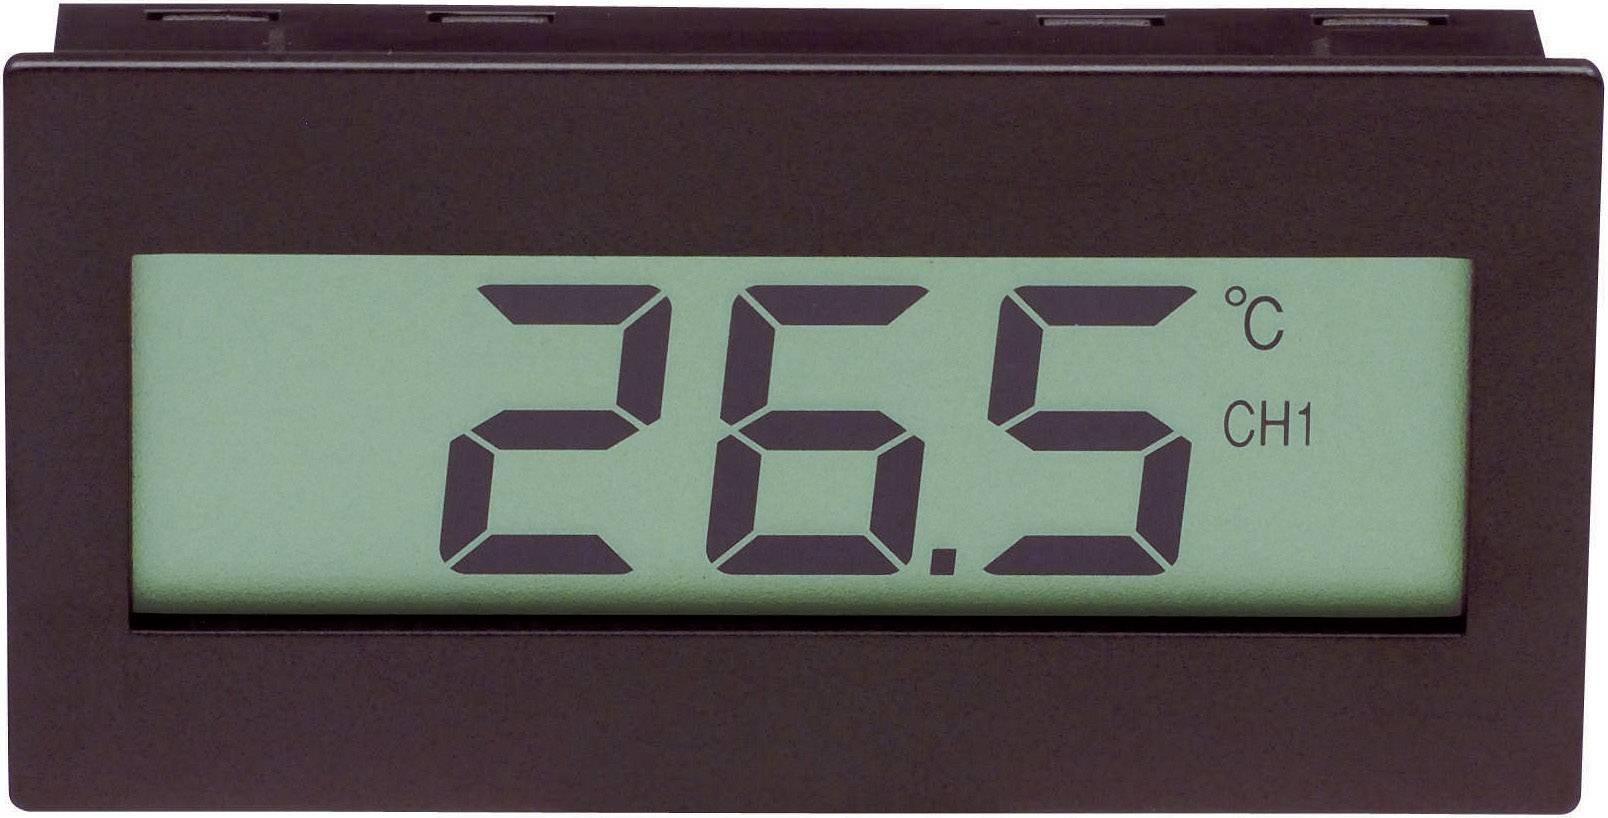 Panelový teplotní spínací modul Voltcraft TCM-320, -30 až 70 °C